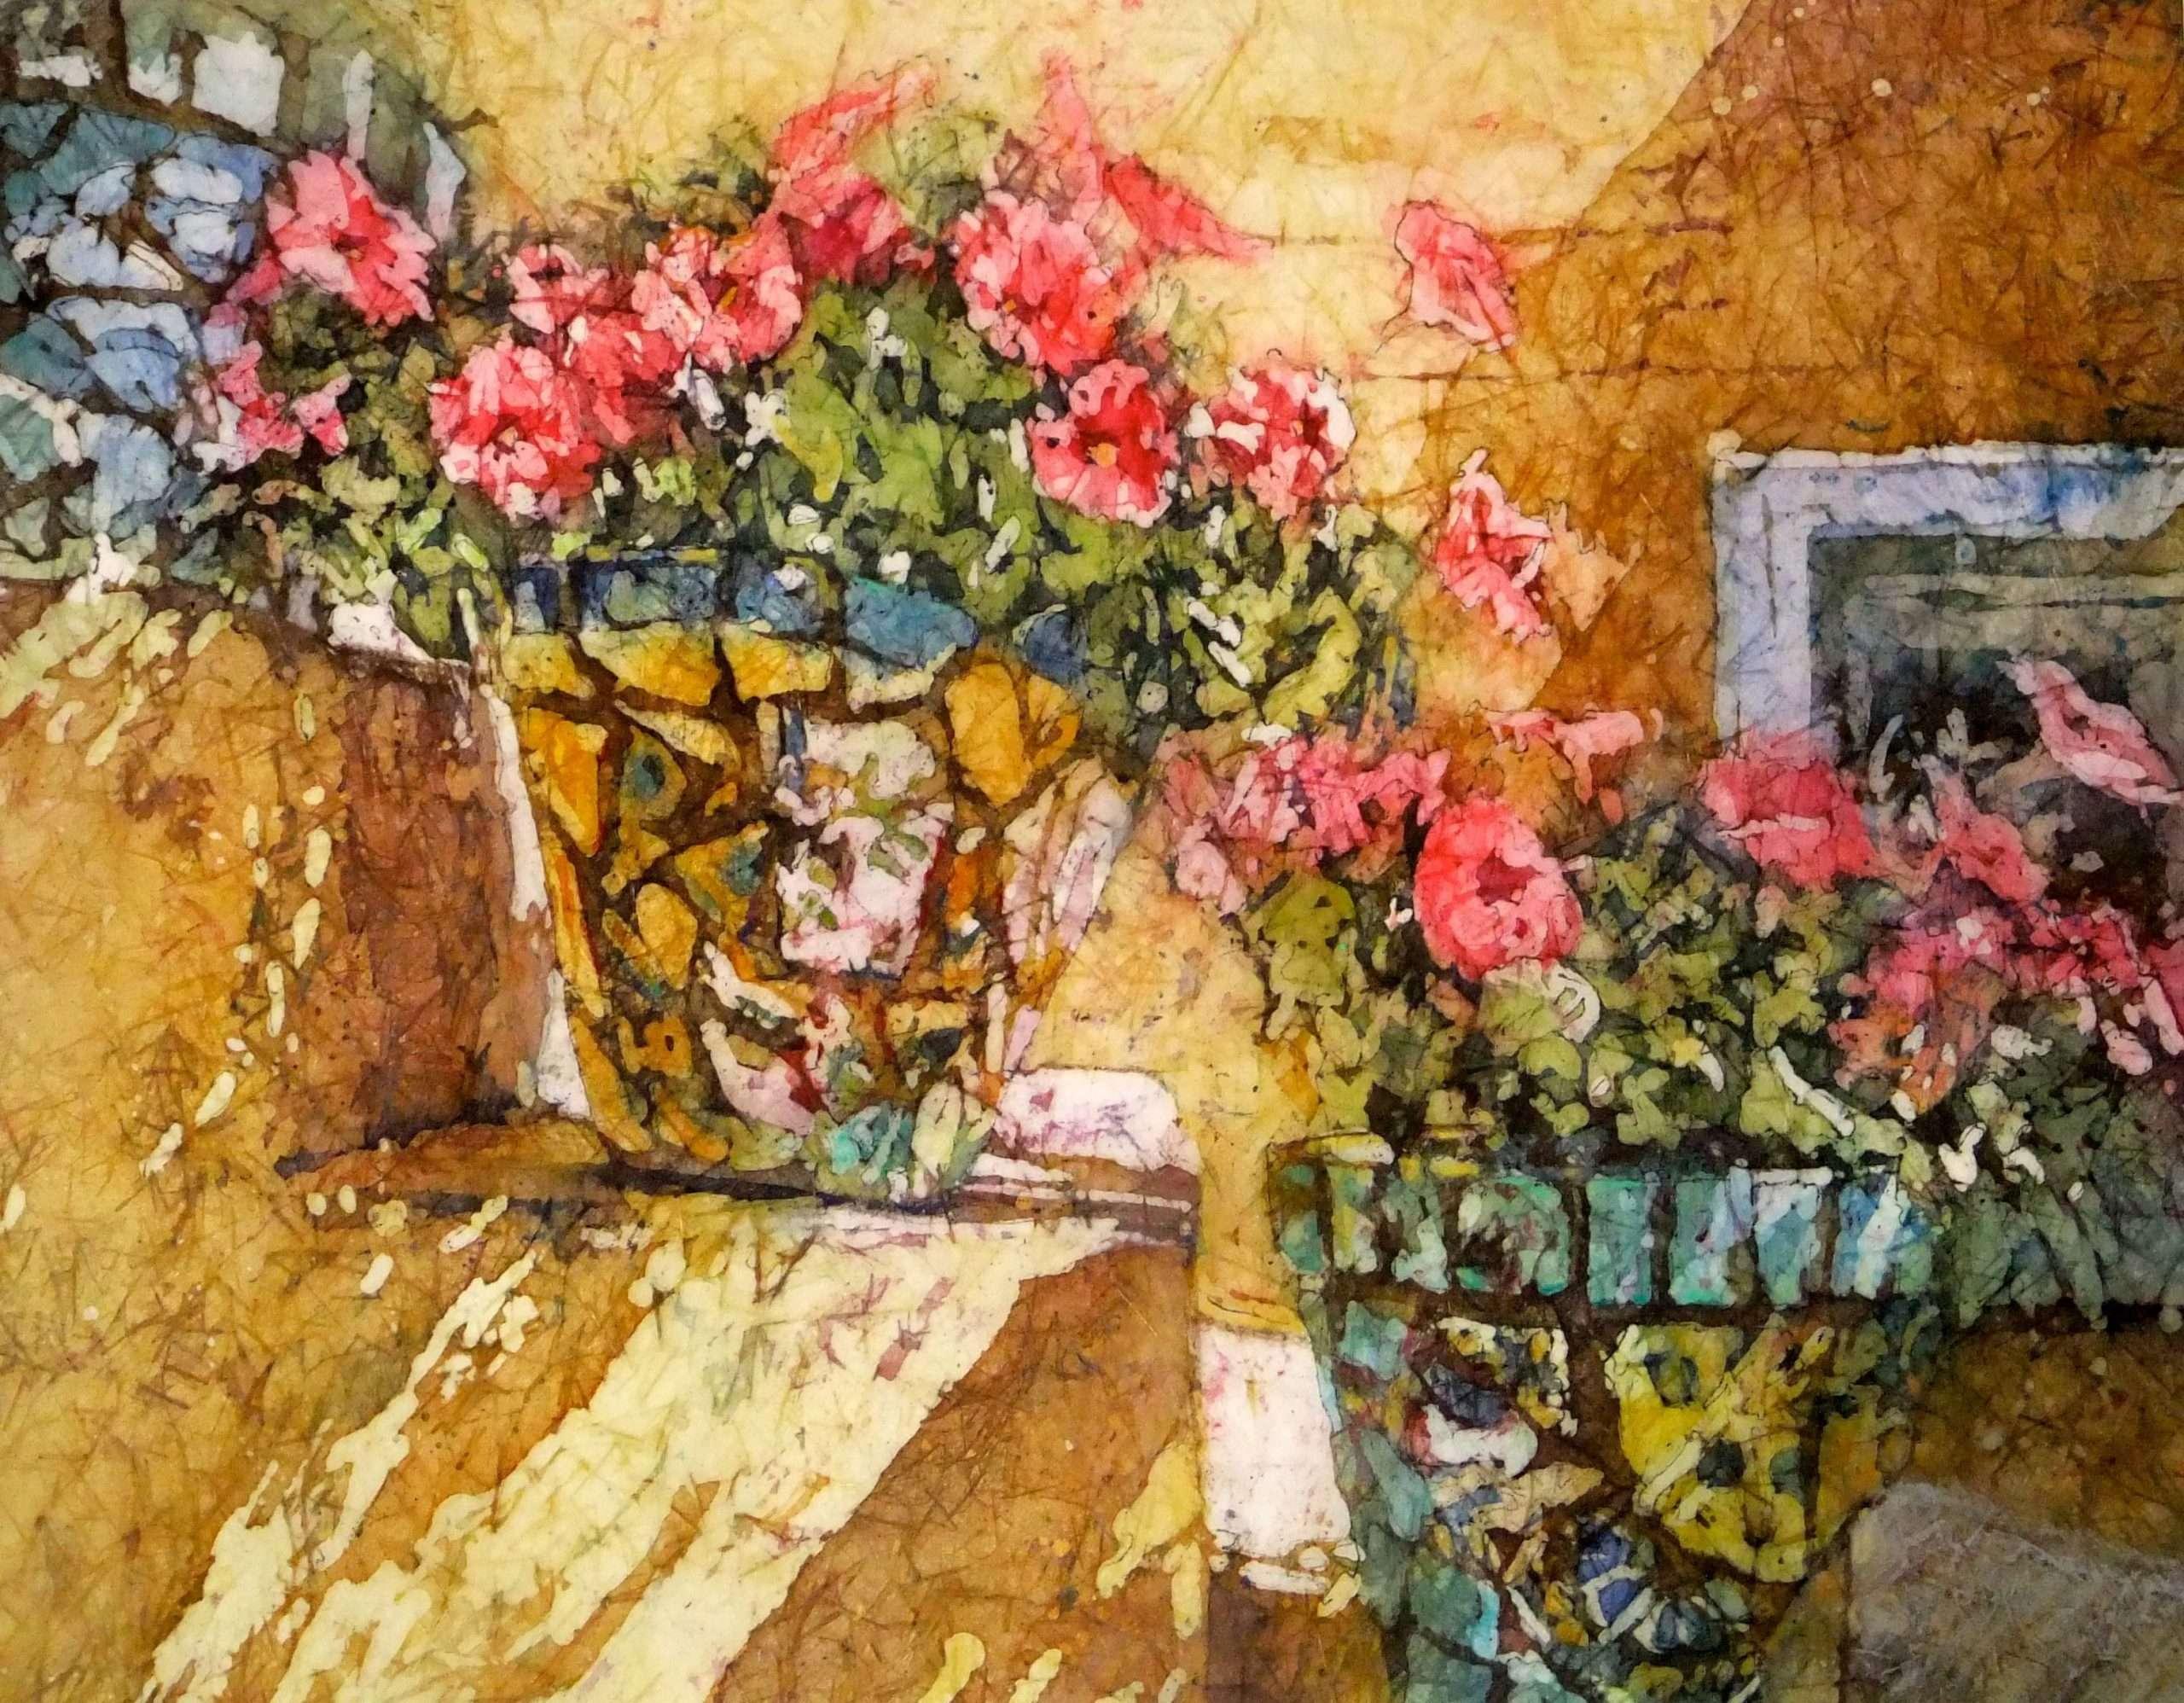 Floewered Pots on Stairs in Batik by Kathie George